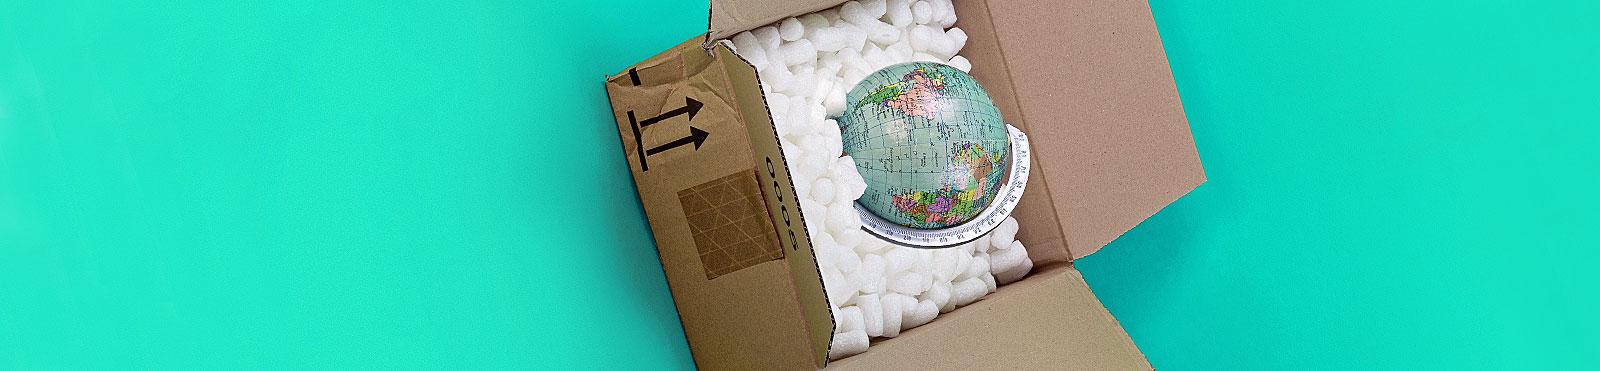 Kleine Weltkugel, eingepackt in Karton